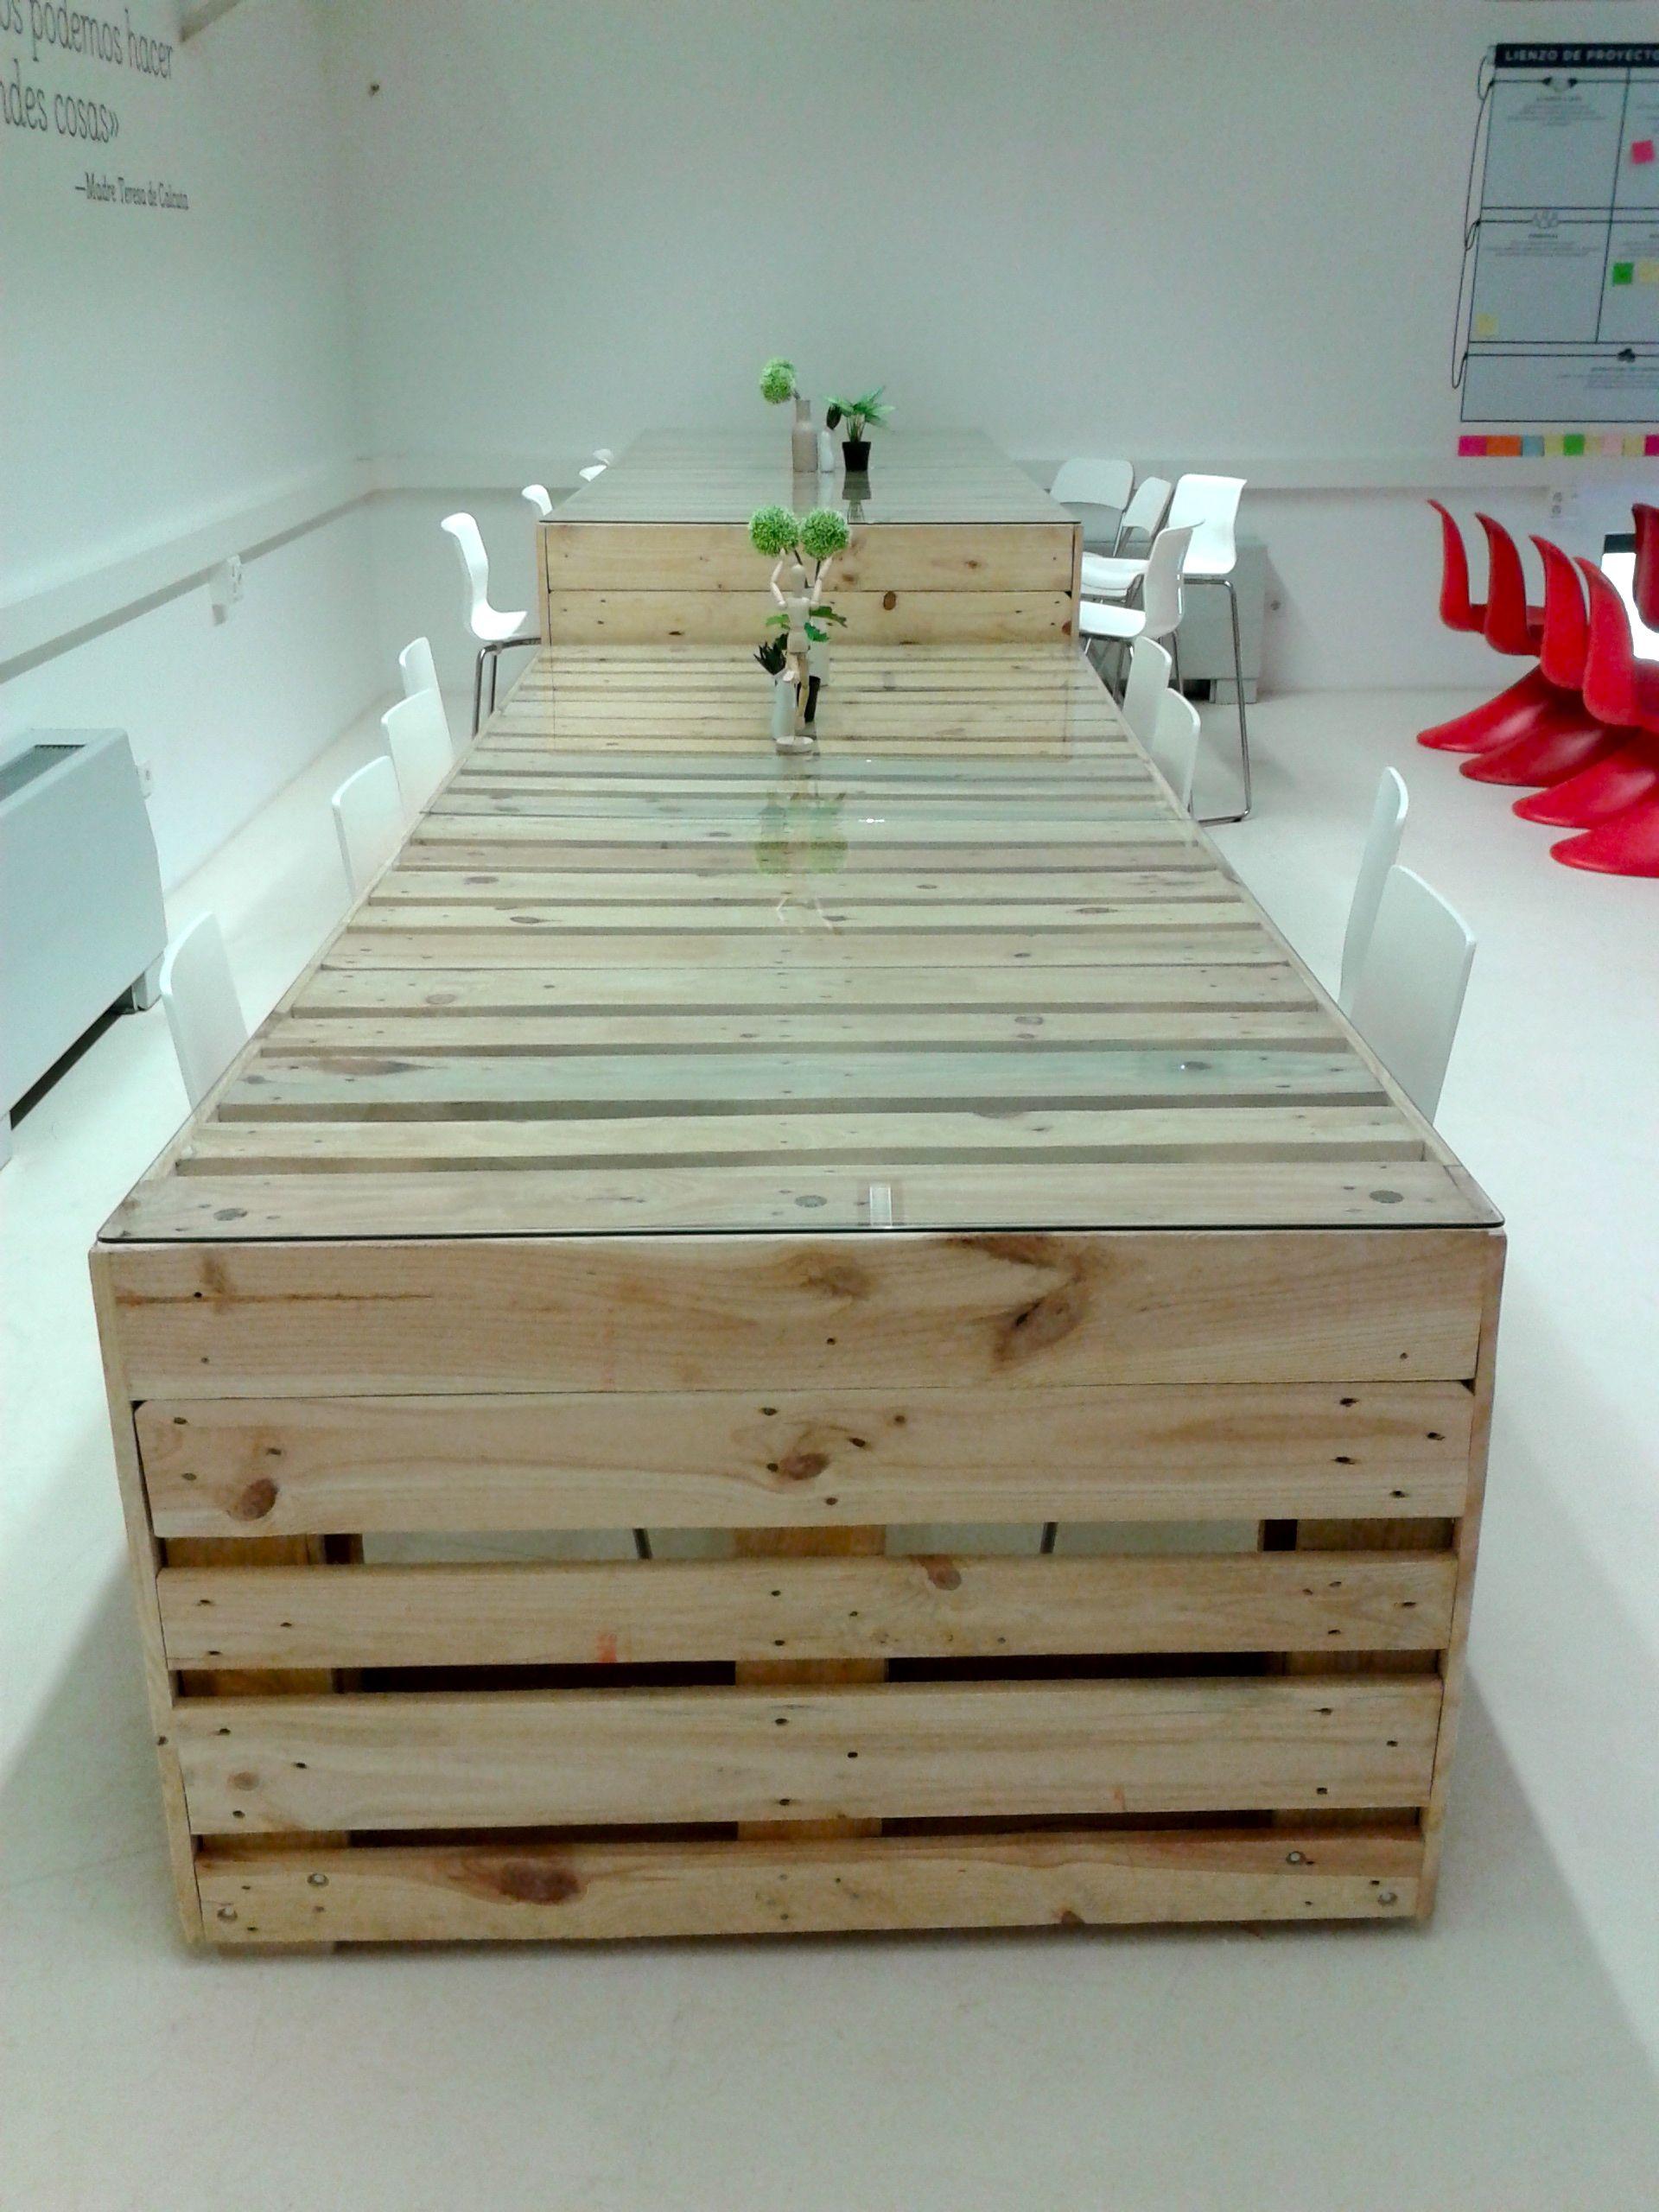 Pallet table pallet design pinterest muebles mesas and palets - Mesas de pale ...